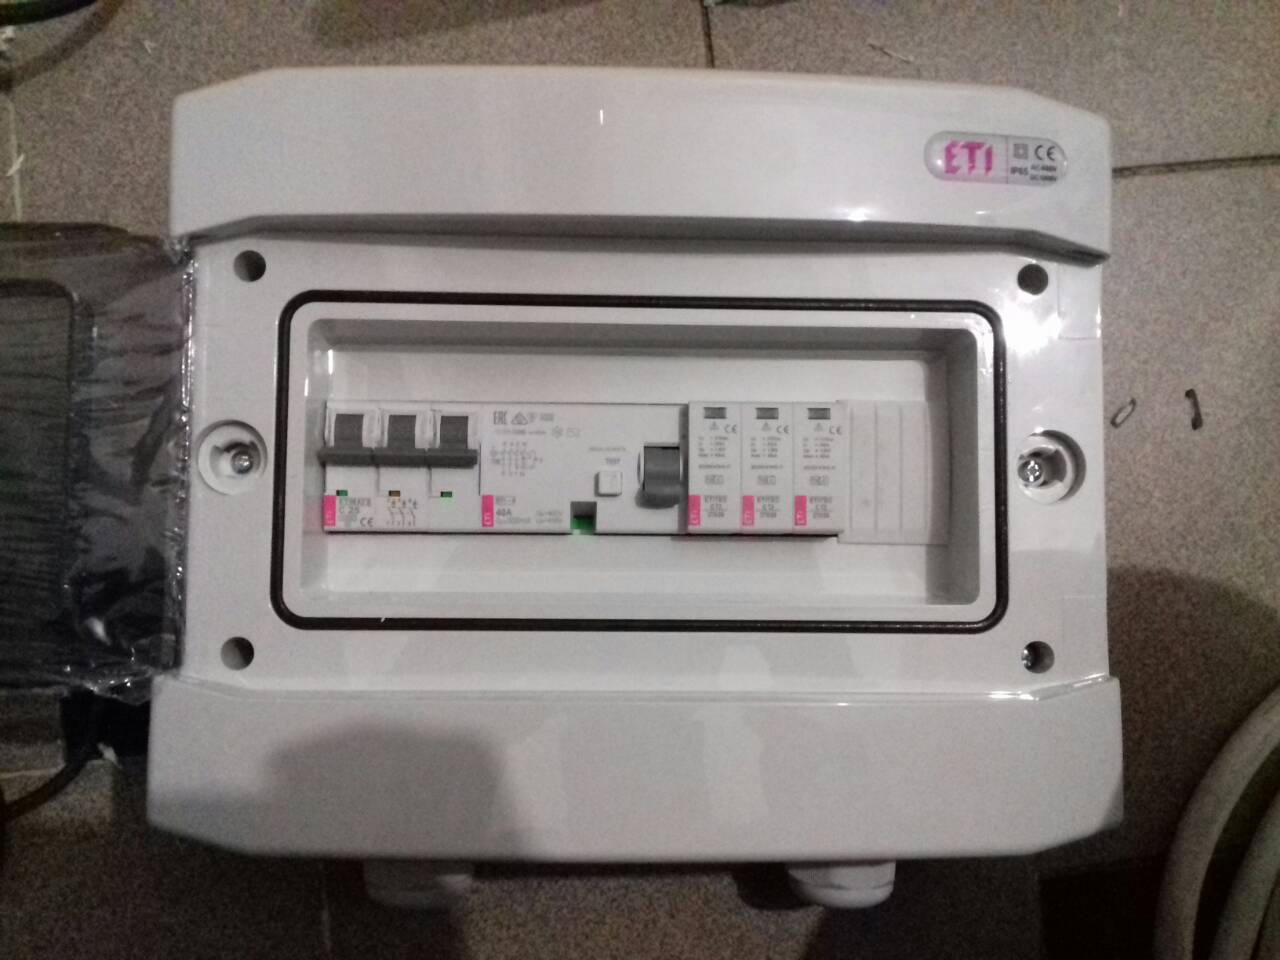 Електрозахист для сонячної станції ETITEK по змінному струму АC на три фази